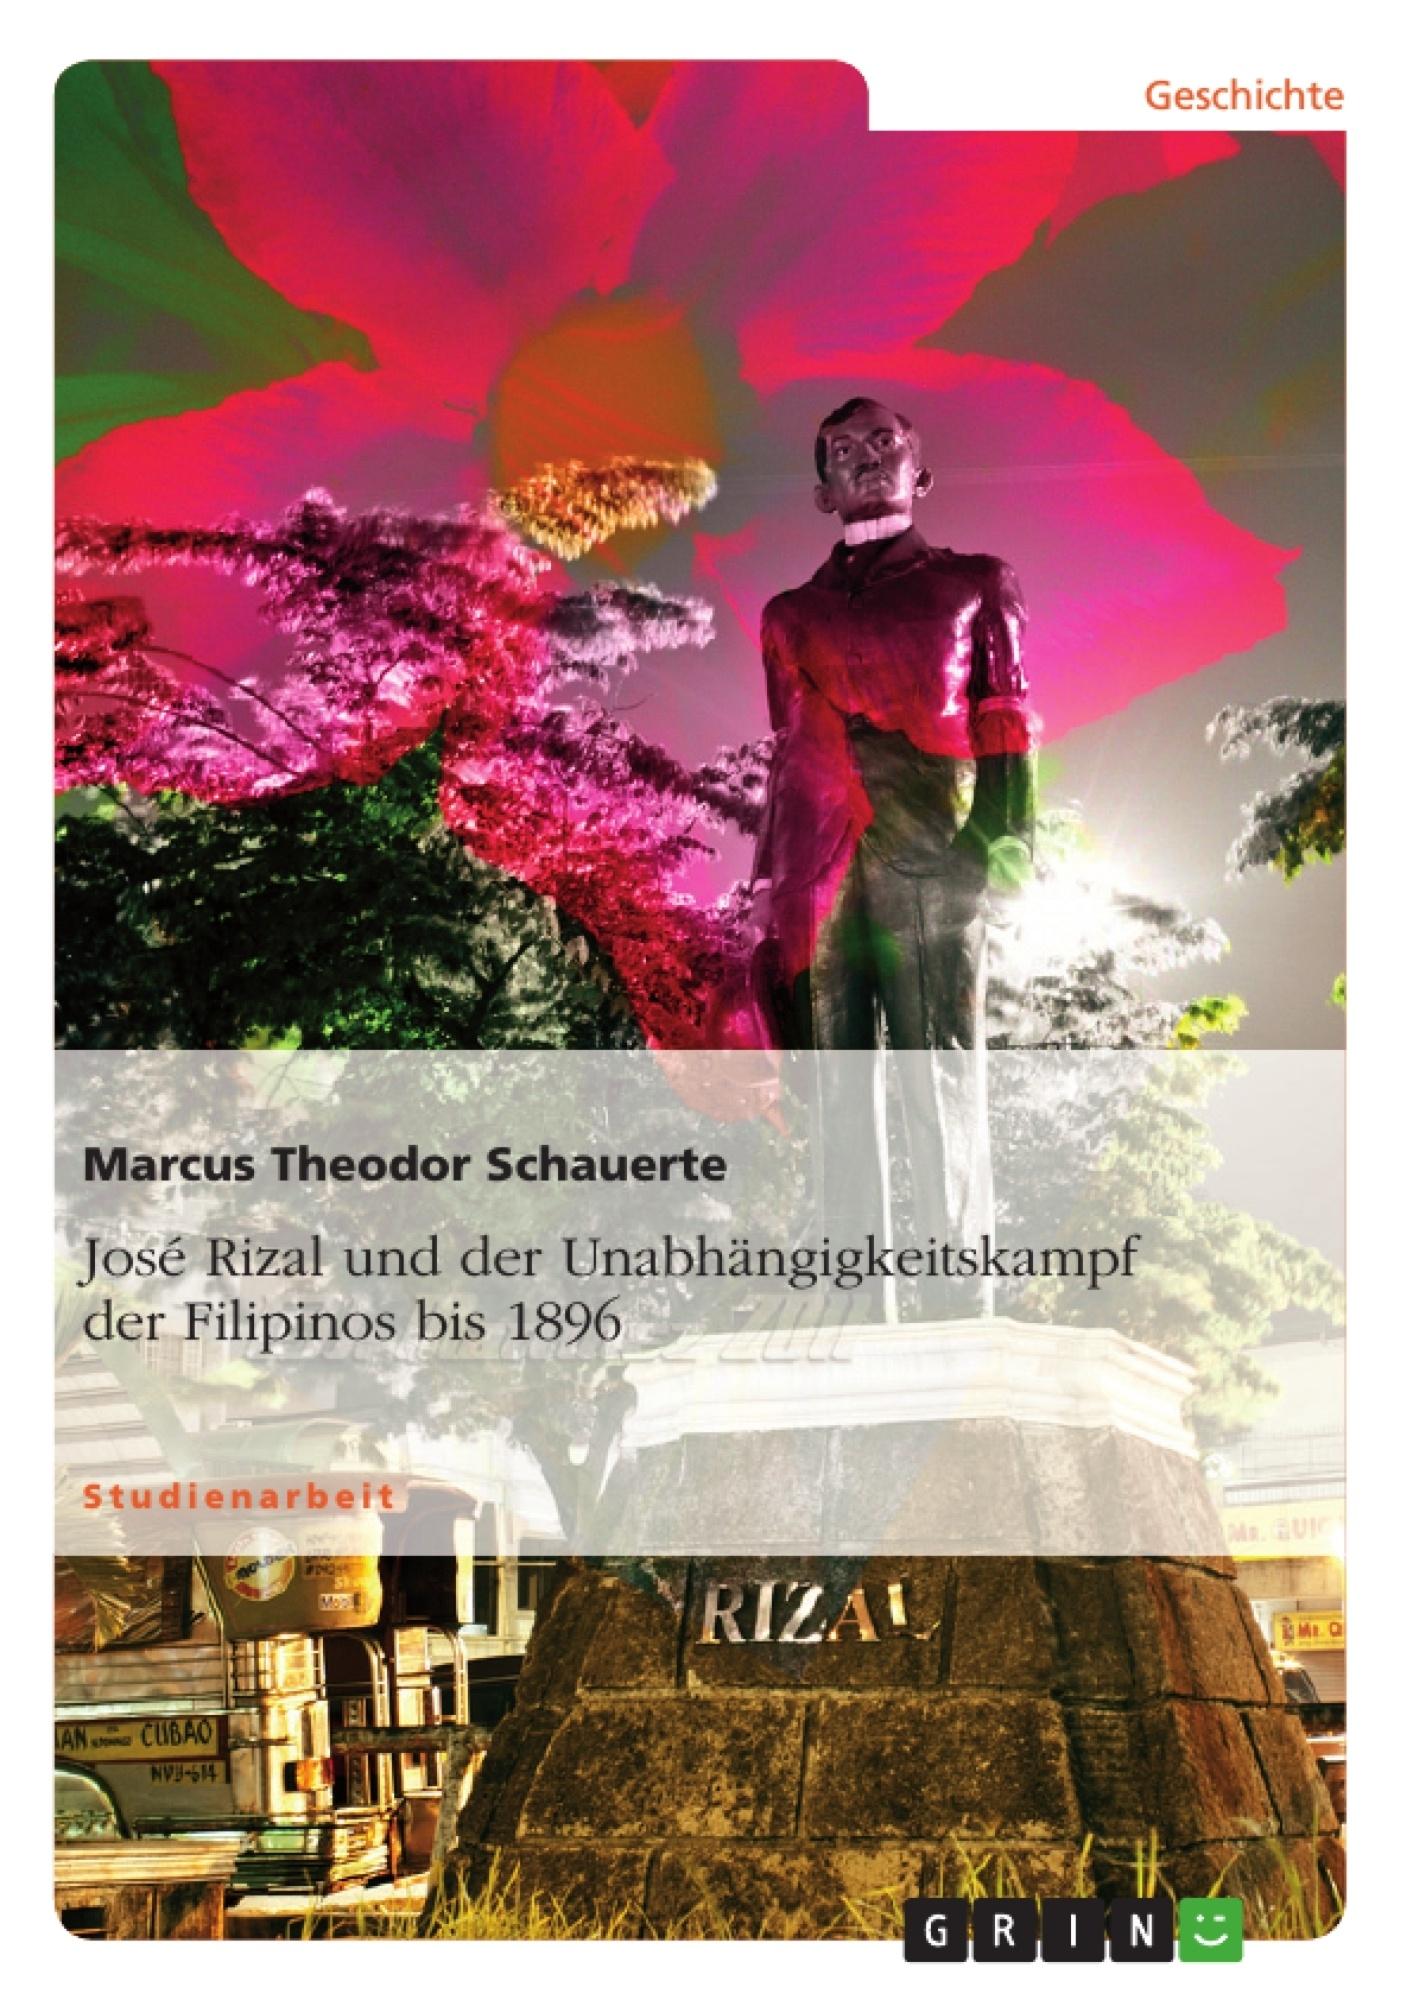 Titel: José Rizal und der Unabhängigkeitskampf der Filipinos bis 1896